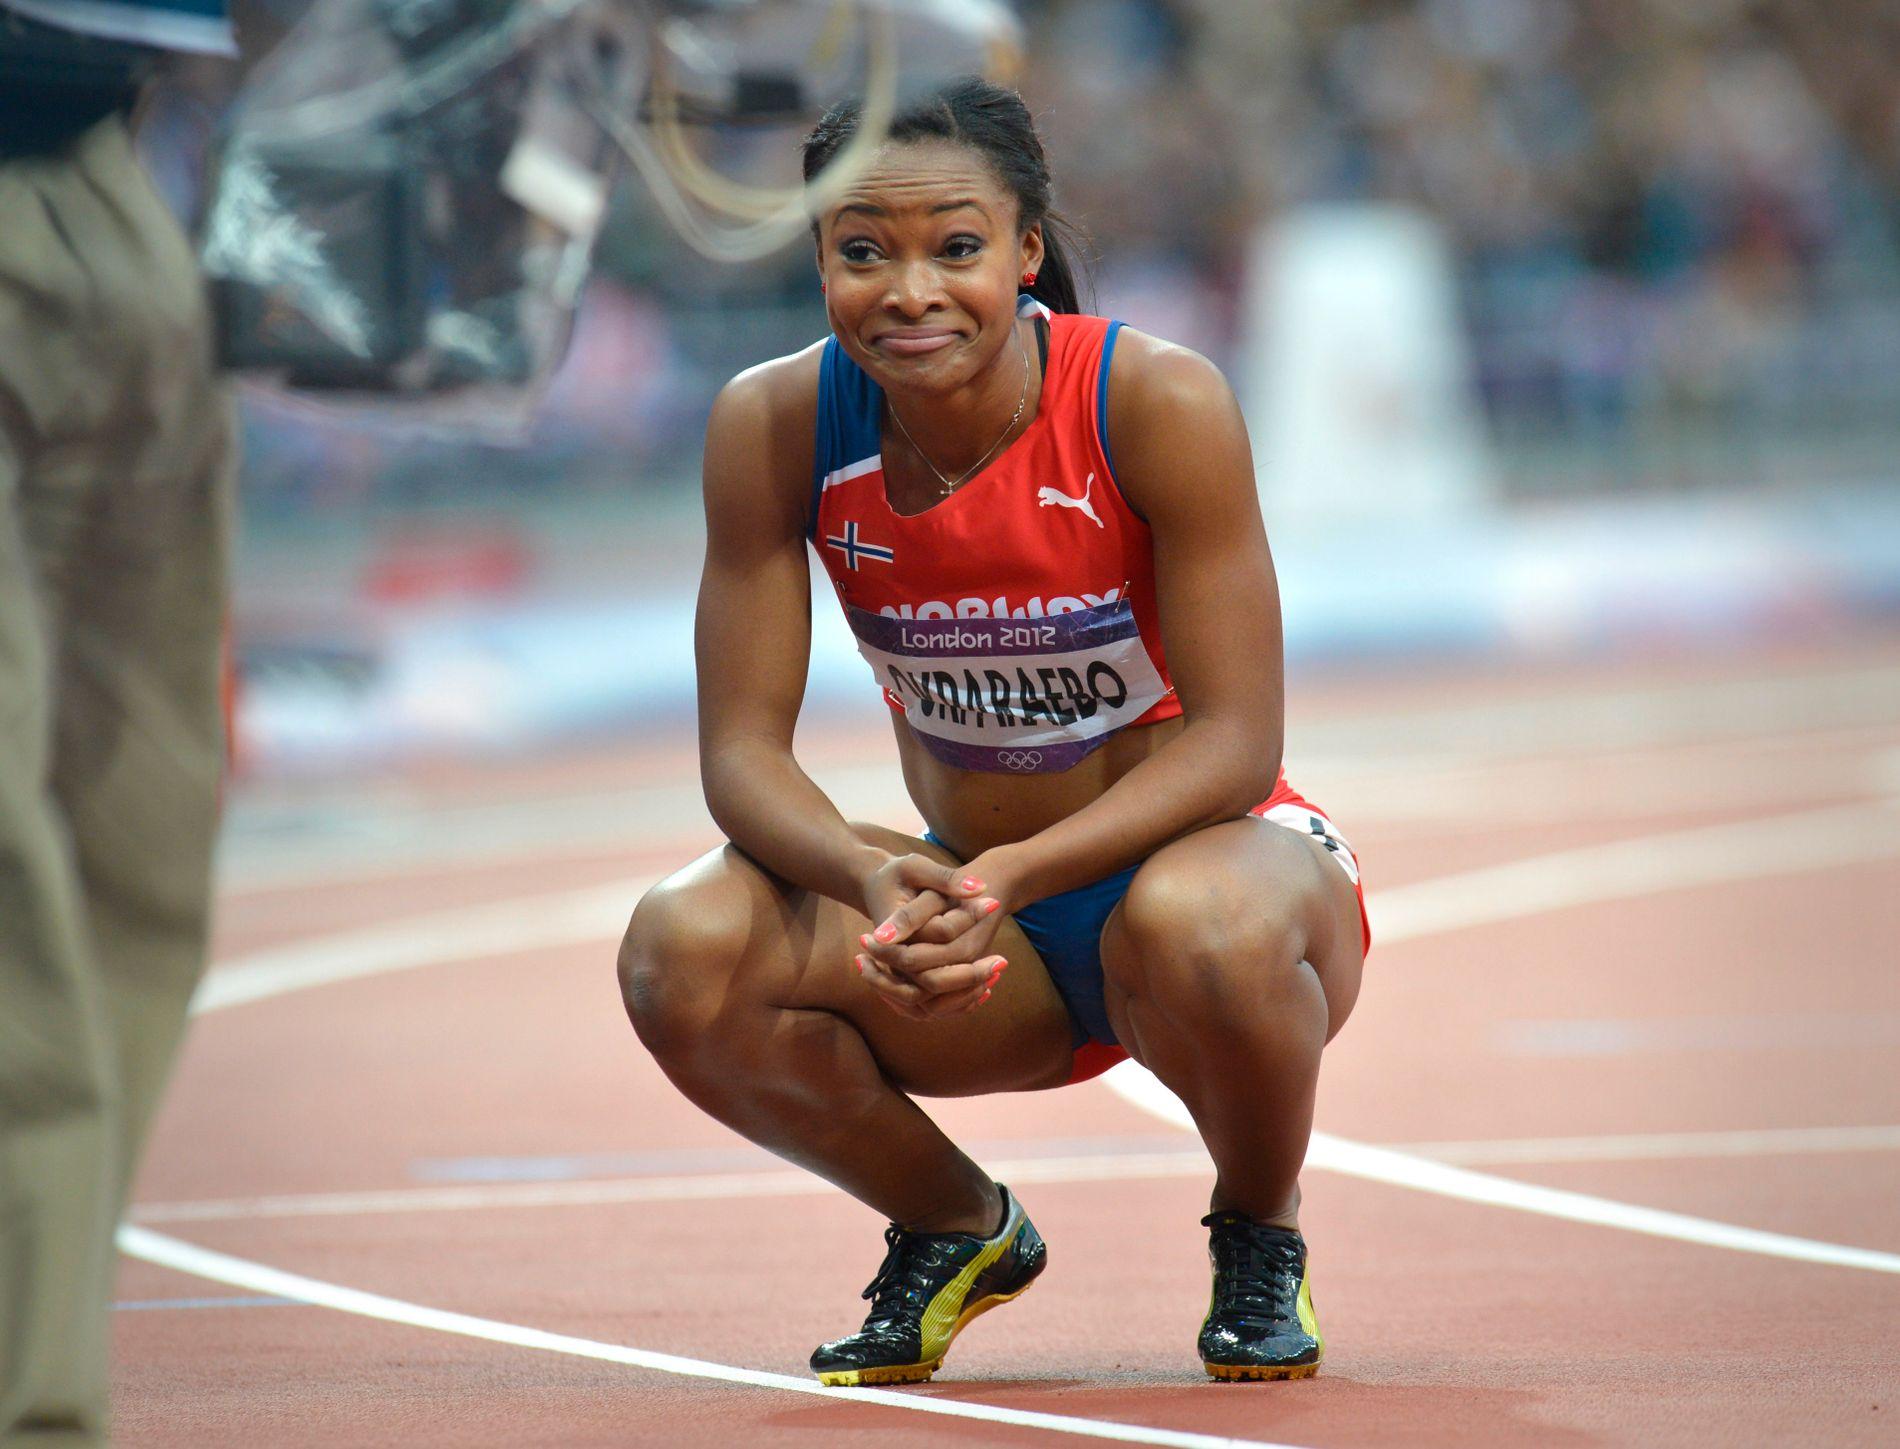 BEDRE TIDER: Ezinne Okparaebo (30) har vært Norges raskeste kvinne i mange år. For seks år siden var hun å sitt rakeste (bildet) da hun løp 100 meter i London-OL på 11,10.